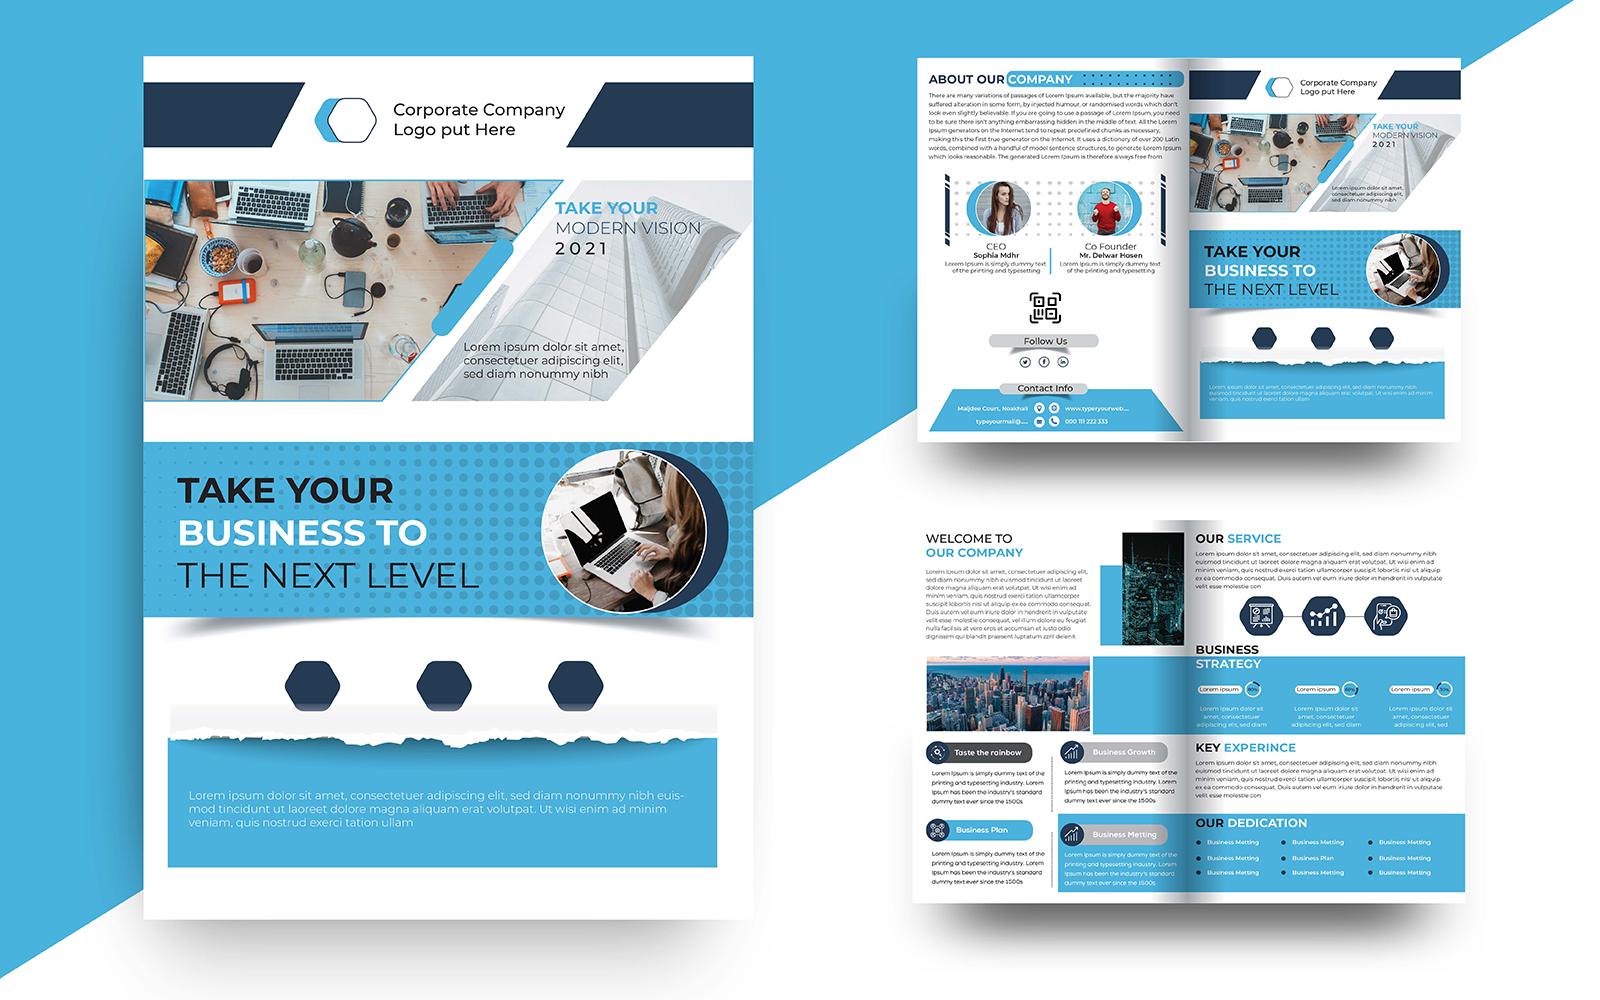 Bi fold Brochure Design Corporate Identity Template